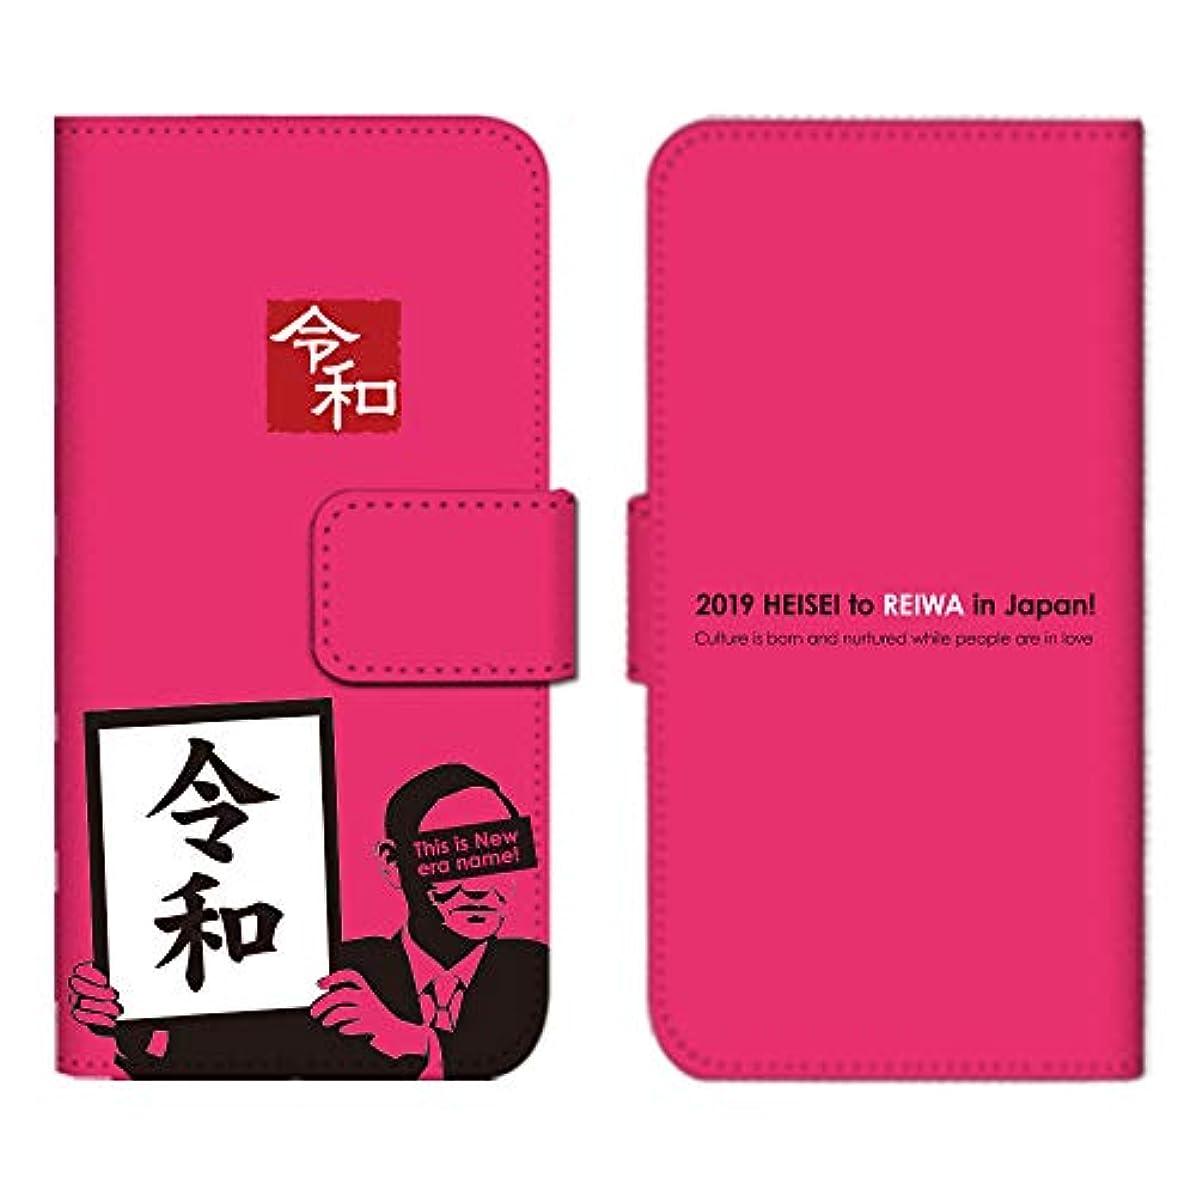 難しい有能なシャベルXperia XZ2 702SO ケース 手帳型 スマホケース カードケース 収納ポケット カードポケット エクスペリア カバー/令和 新元号 おもしろ 名入れ 記念品